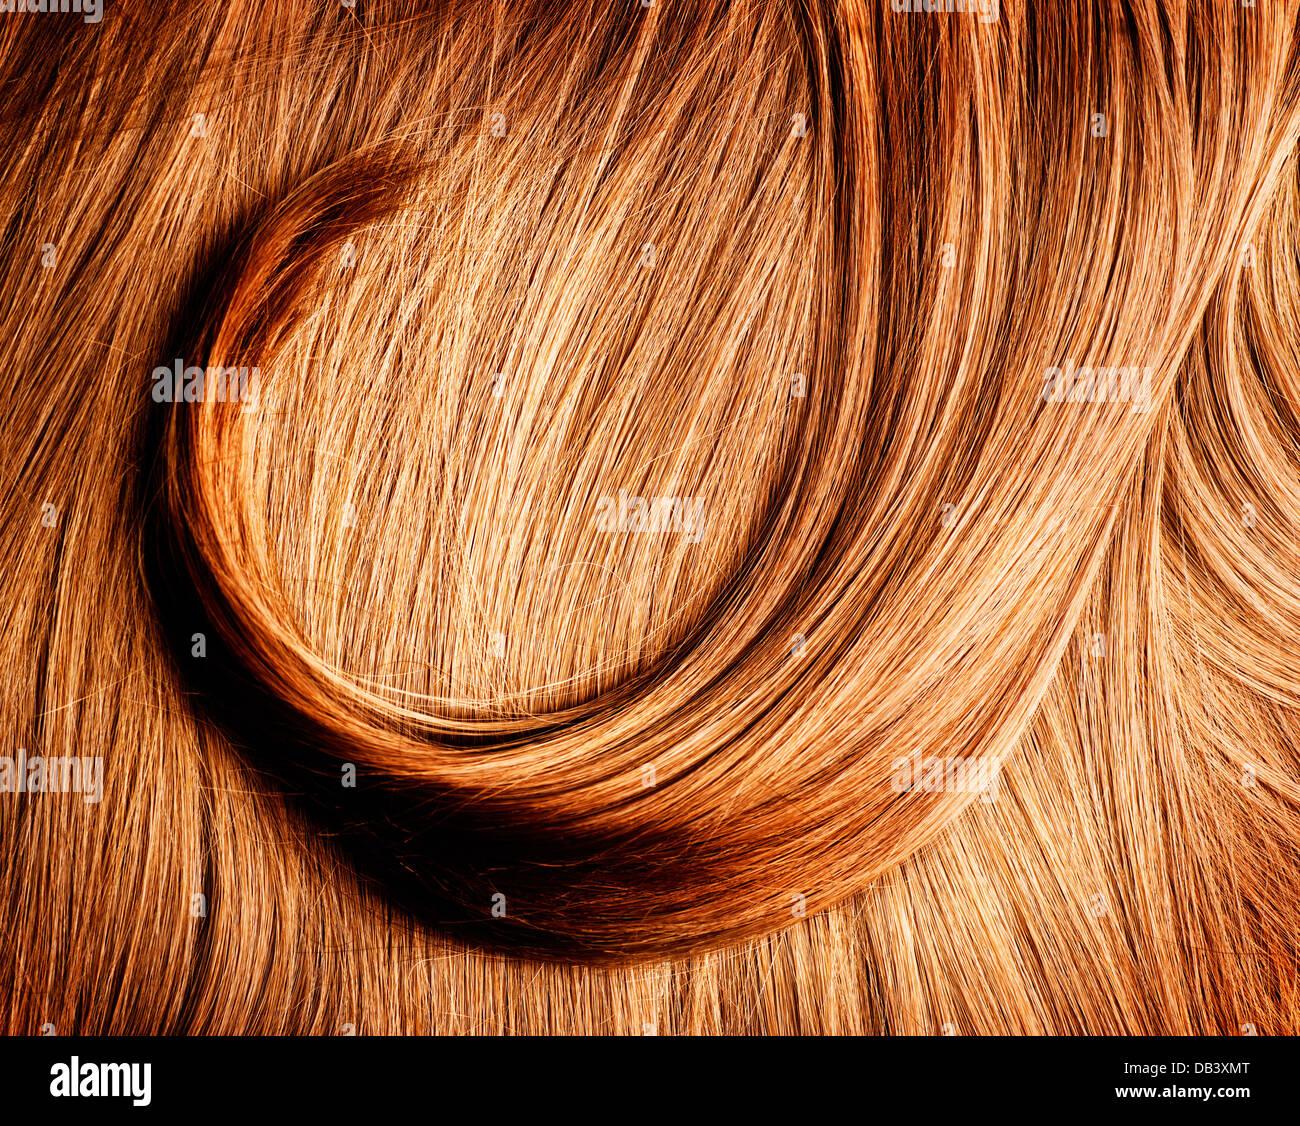 Flaxen Hair Stock Photos Flaxen Hair Stock Images Alamy